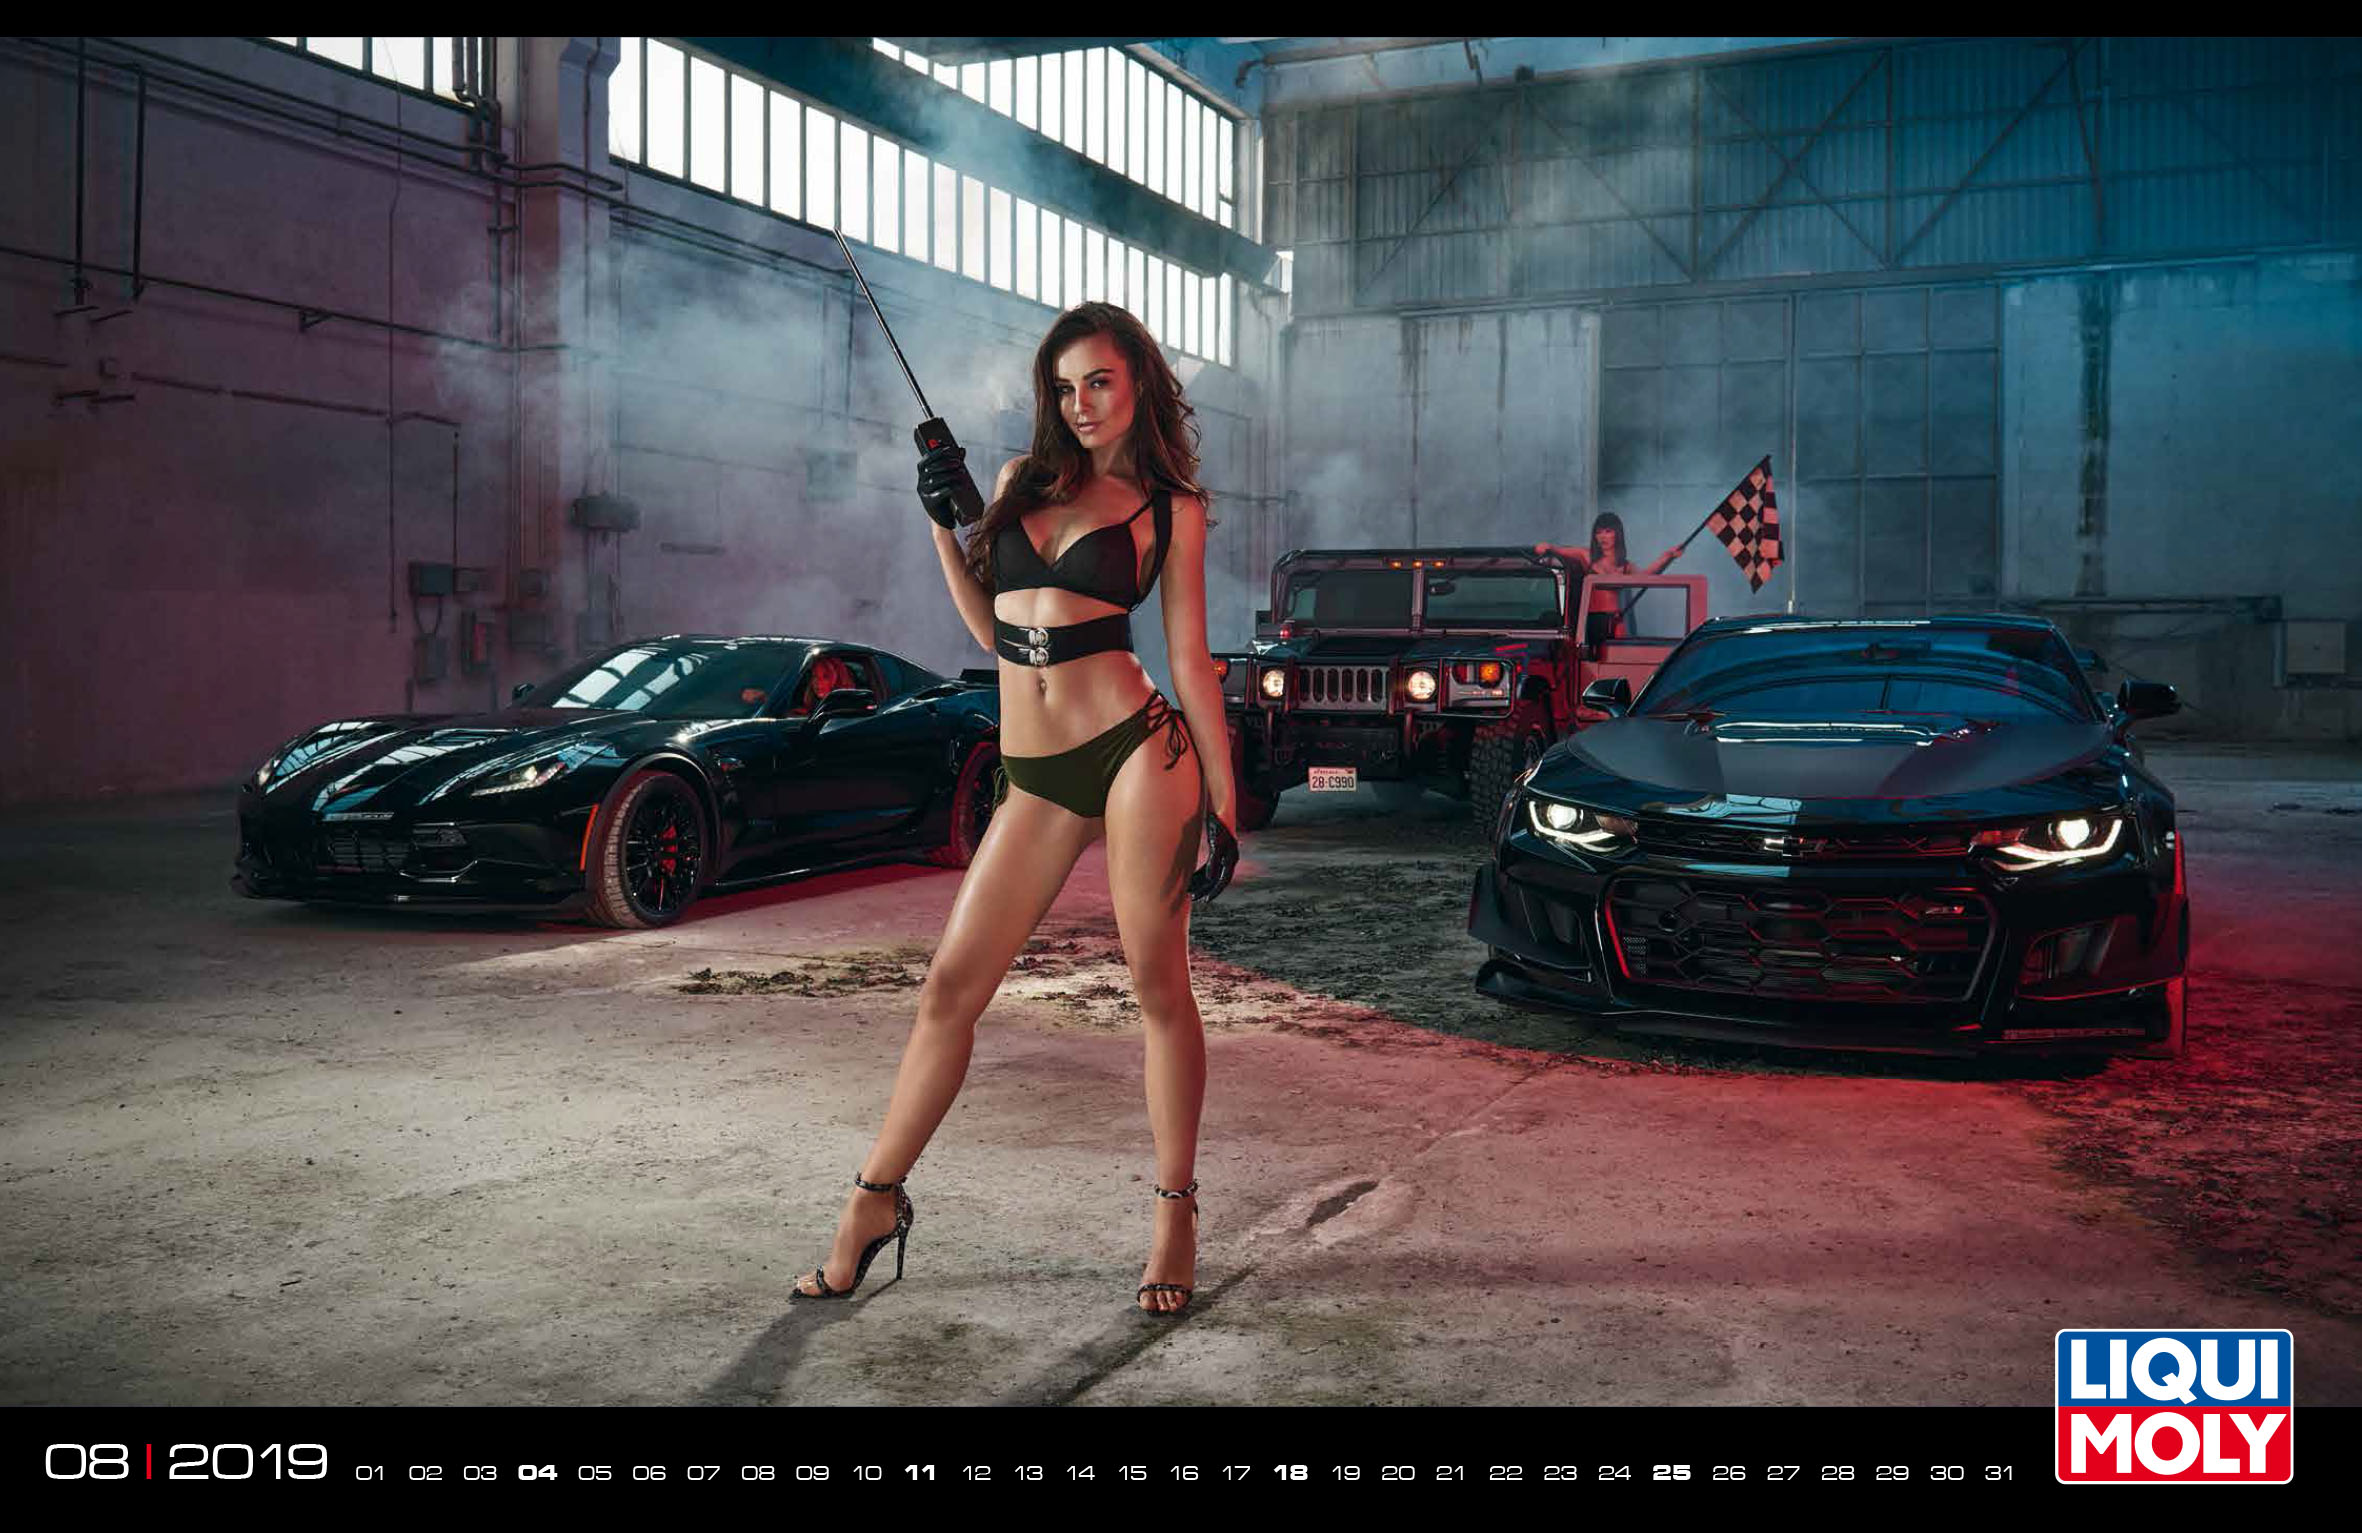 Bikini Liqui Moly nude (19 photos), Topless, Bikini, Boobs, legs 2015